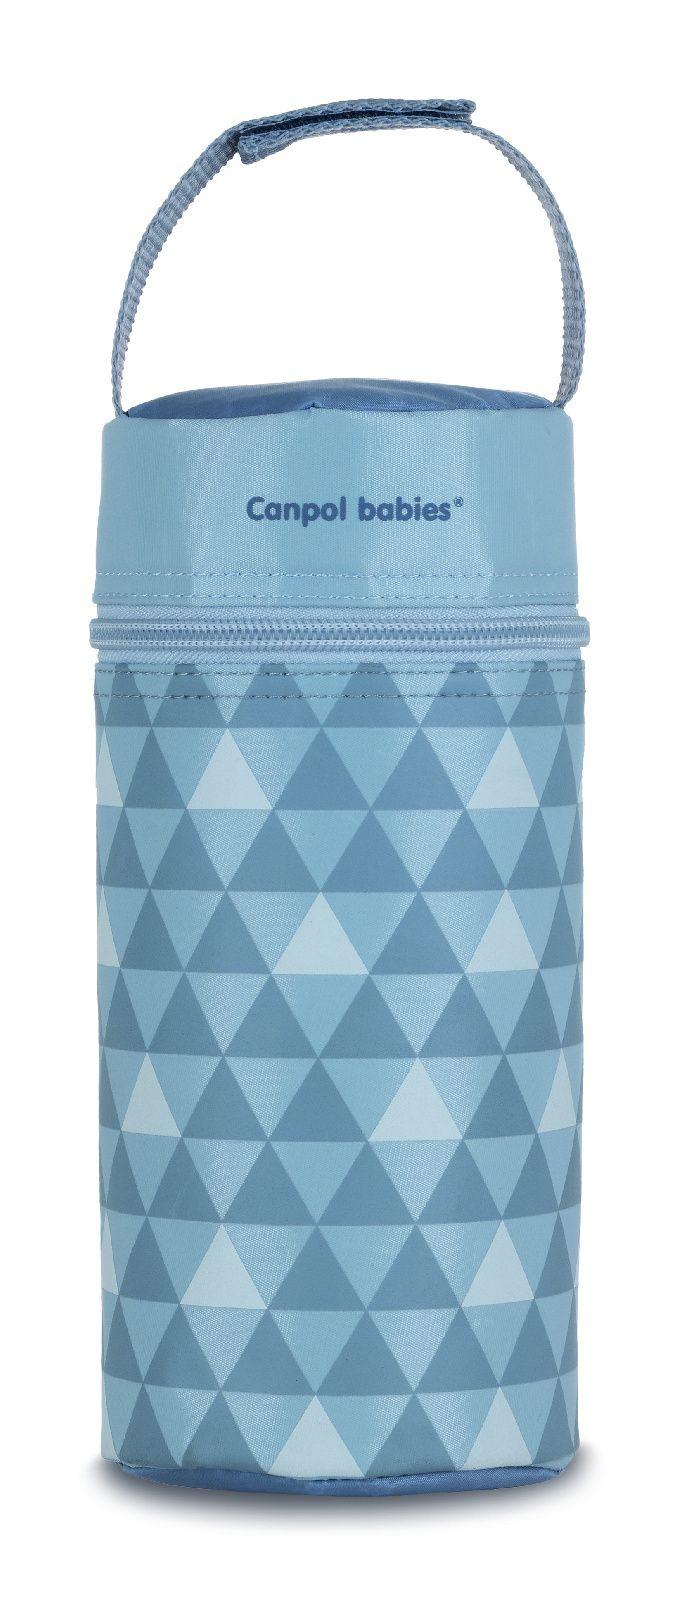 Купить Retro, арт. 69/010, Термосумка для детских бутылочек Canpol Retro серый, Canpol Babies,